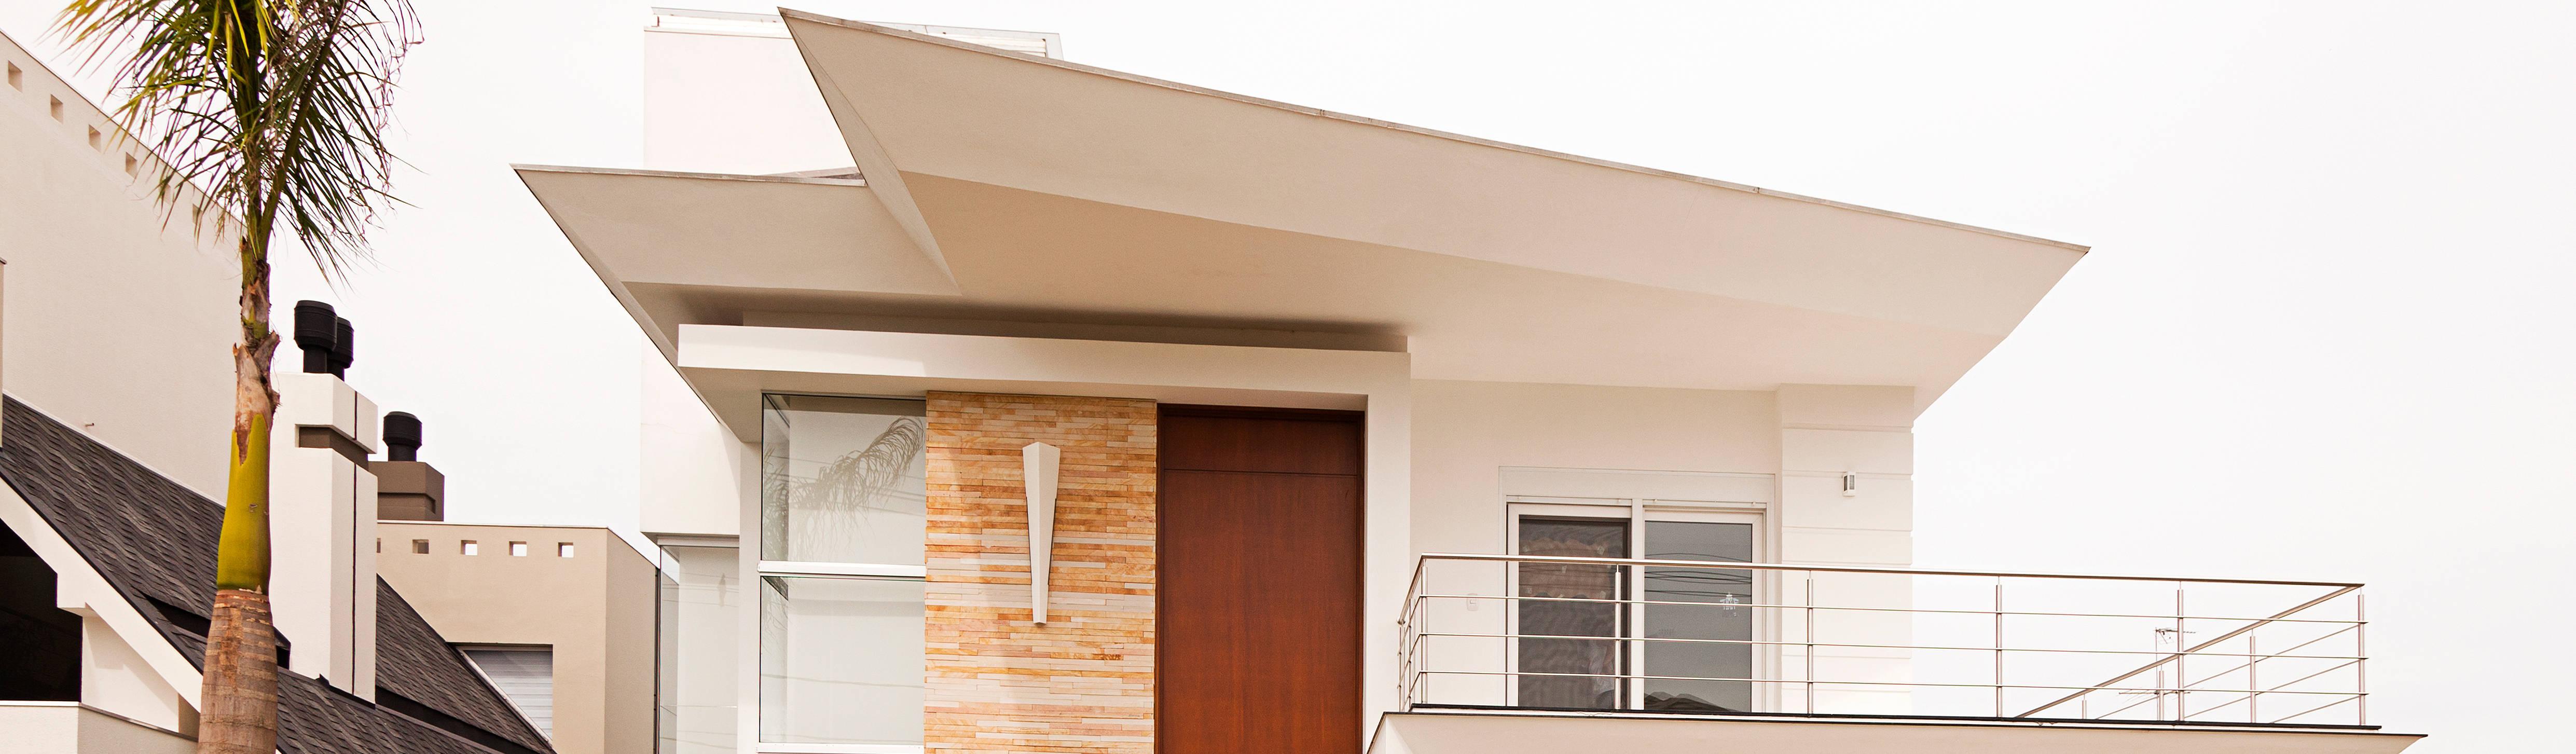 Biazus Arquitetura e Design